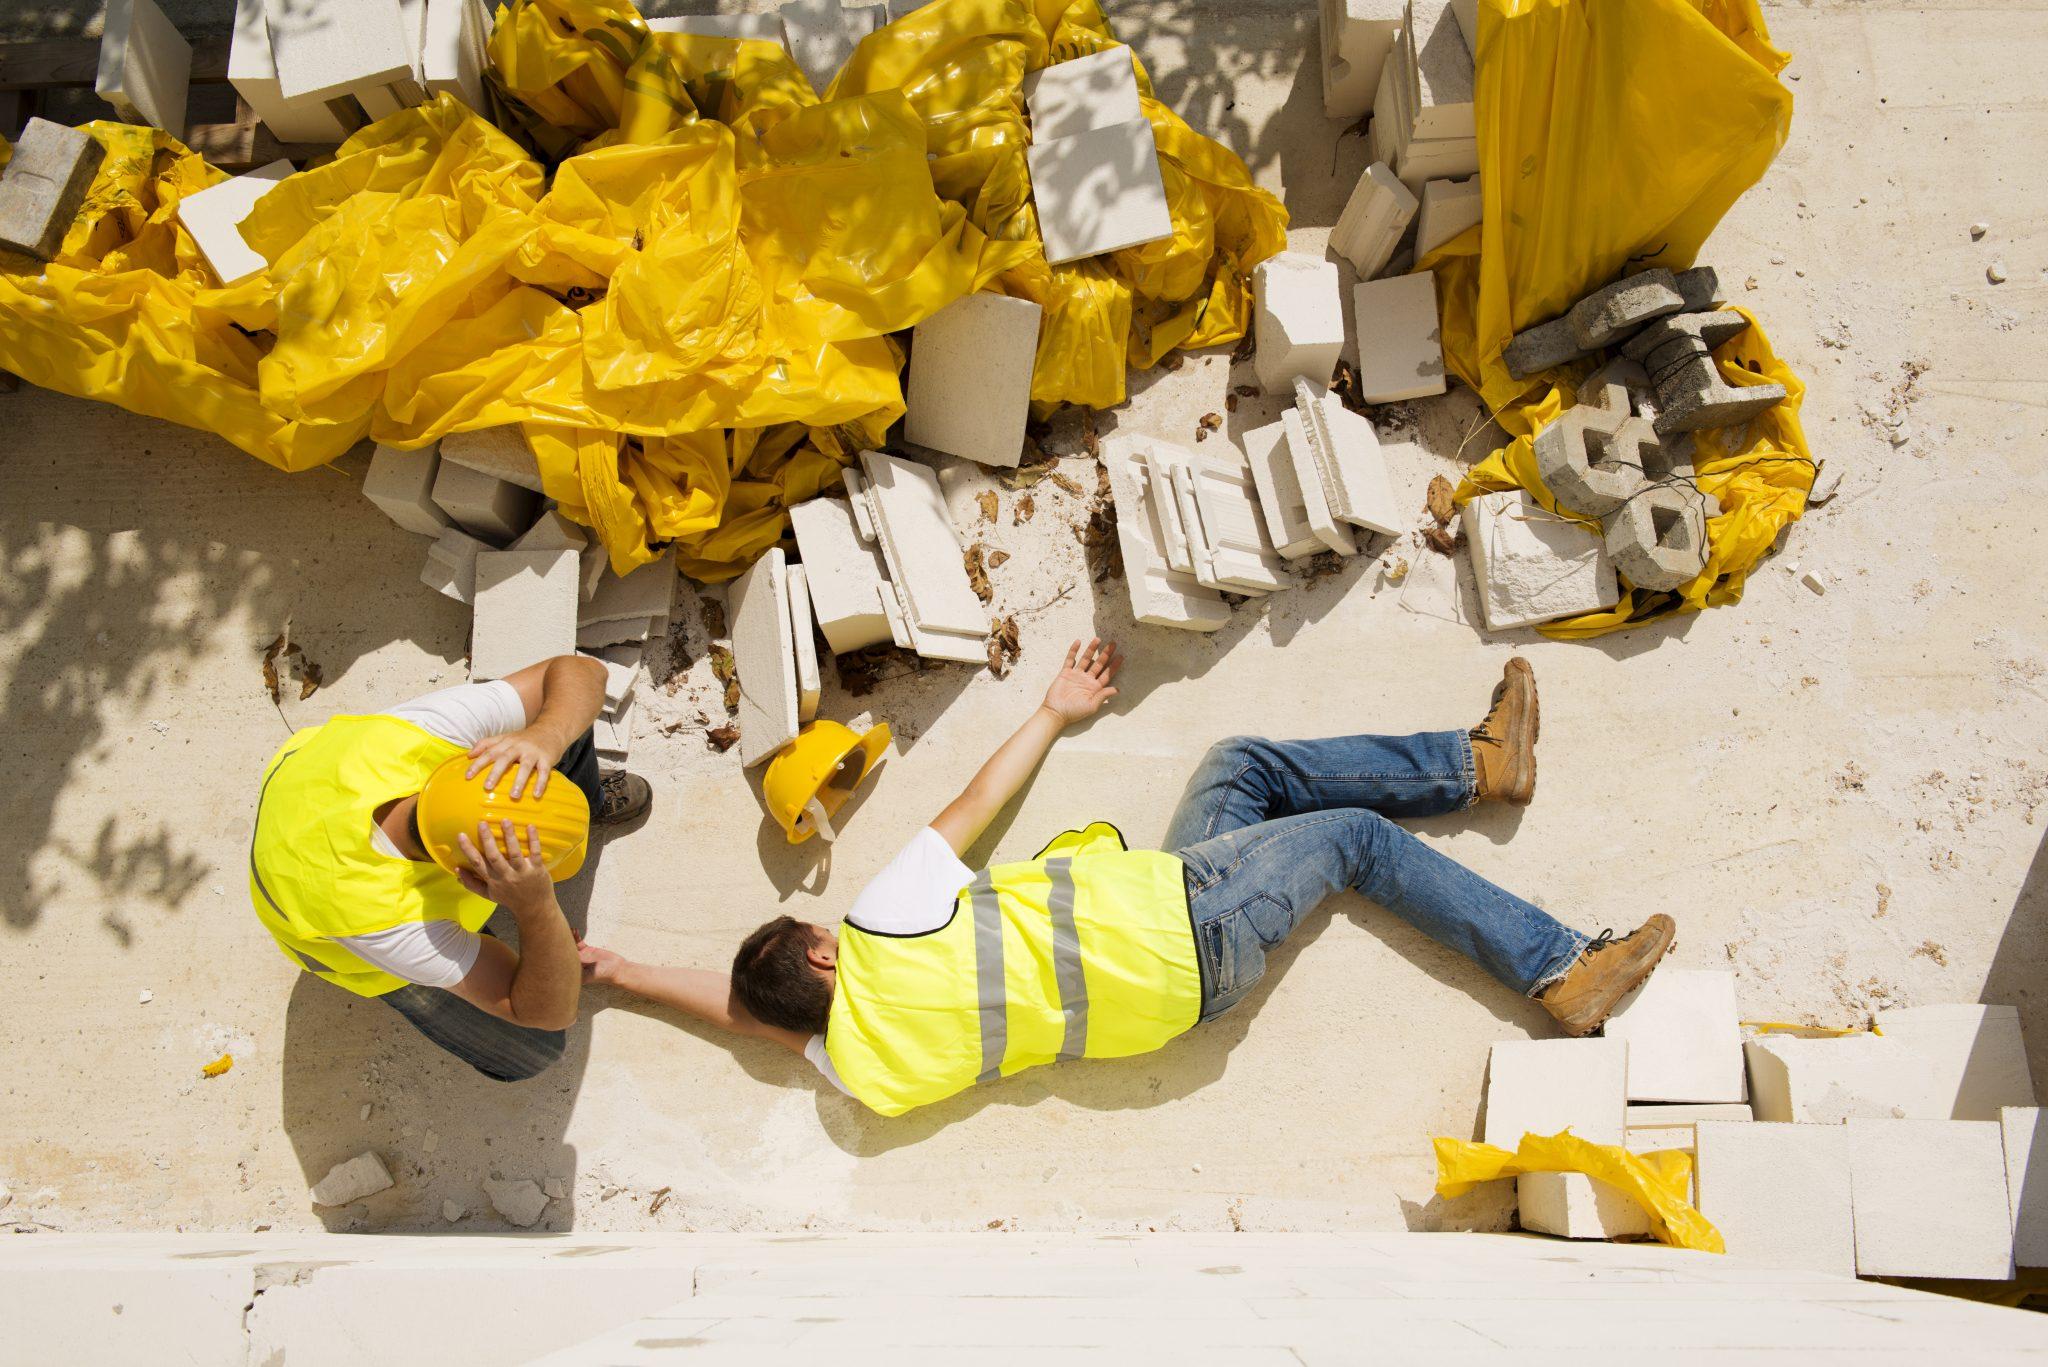 Odszkodowanie za wypadek w pracy